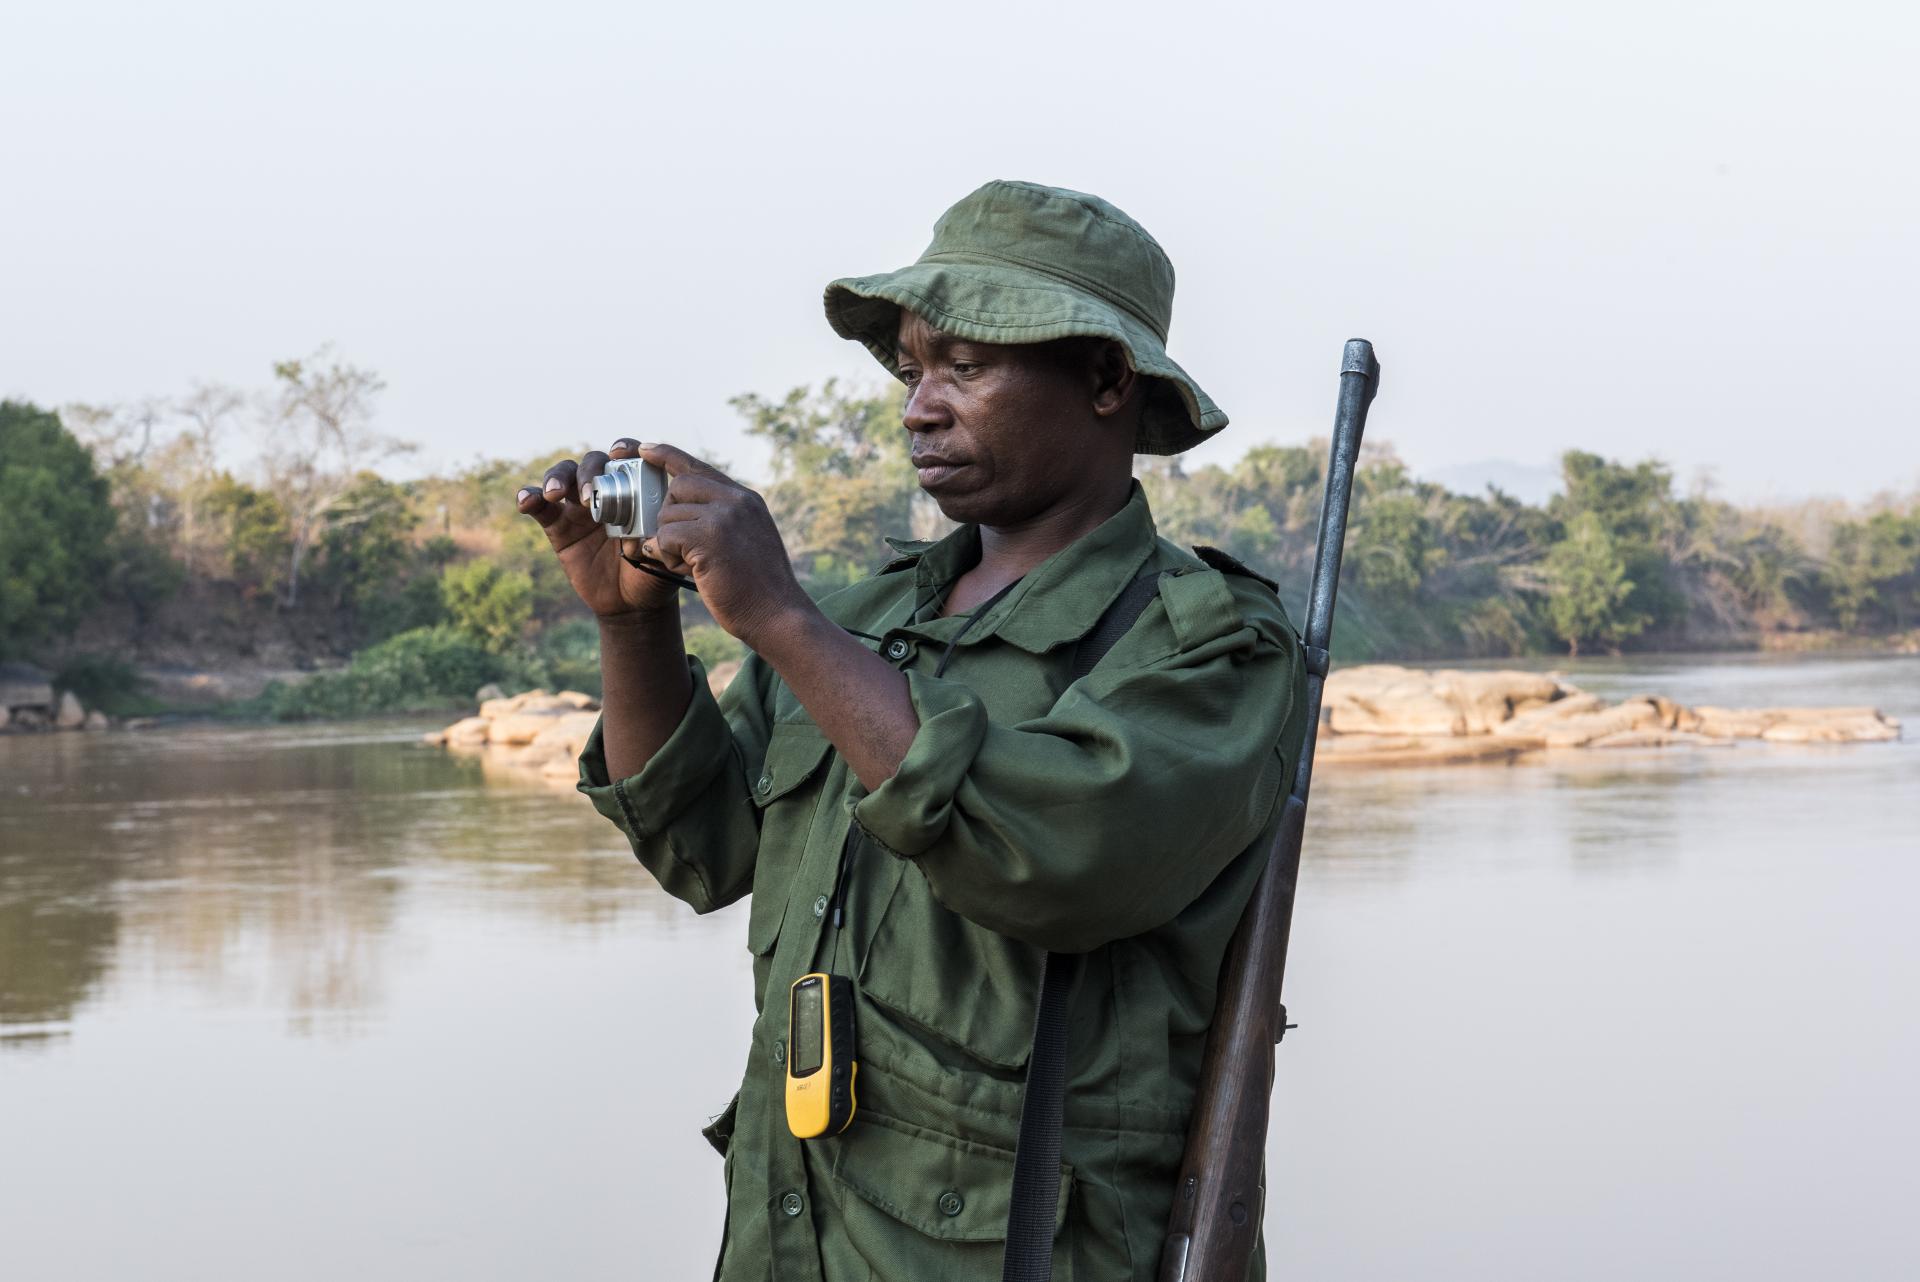 """Um das Ziel """"Null Wilderei"""" zu erreichen, sollen unter anderem die Ranger mit besserer technik ausgerüstet werden. © Astrid Dill / WWF"""